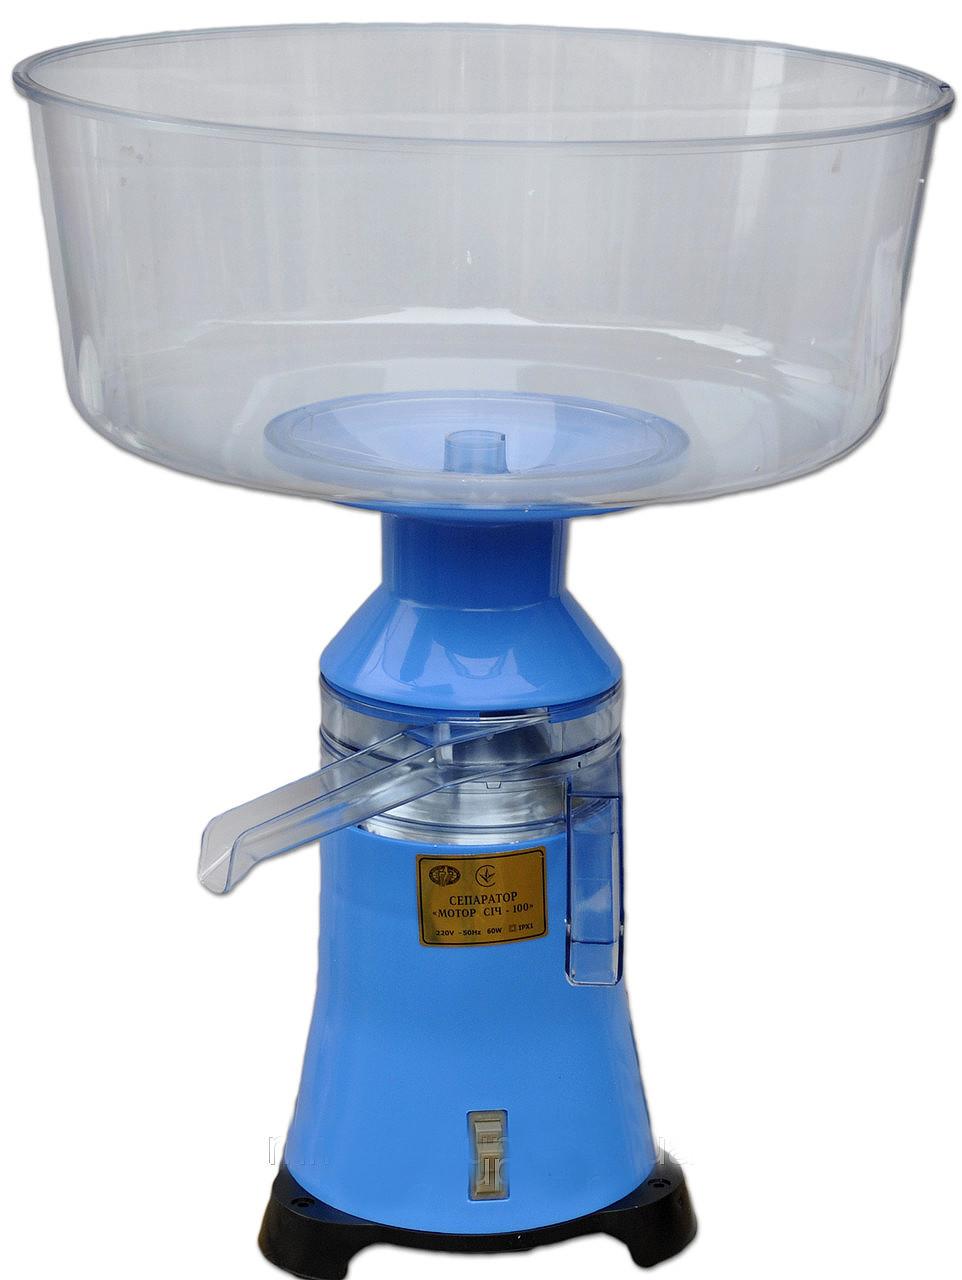 Сепаратор для молока - ручные и электрические